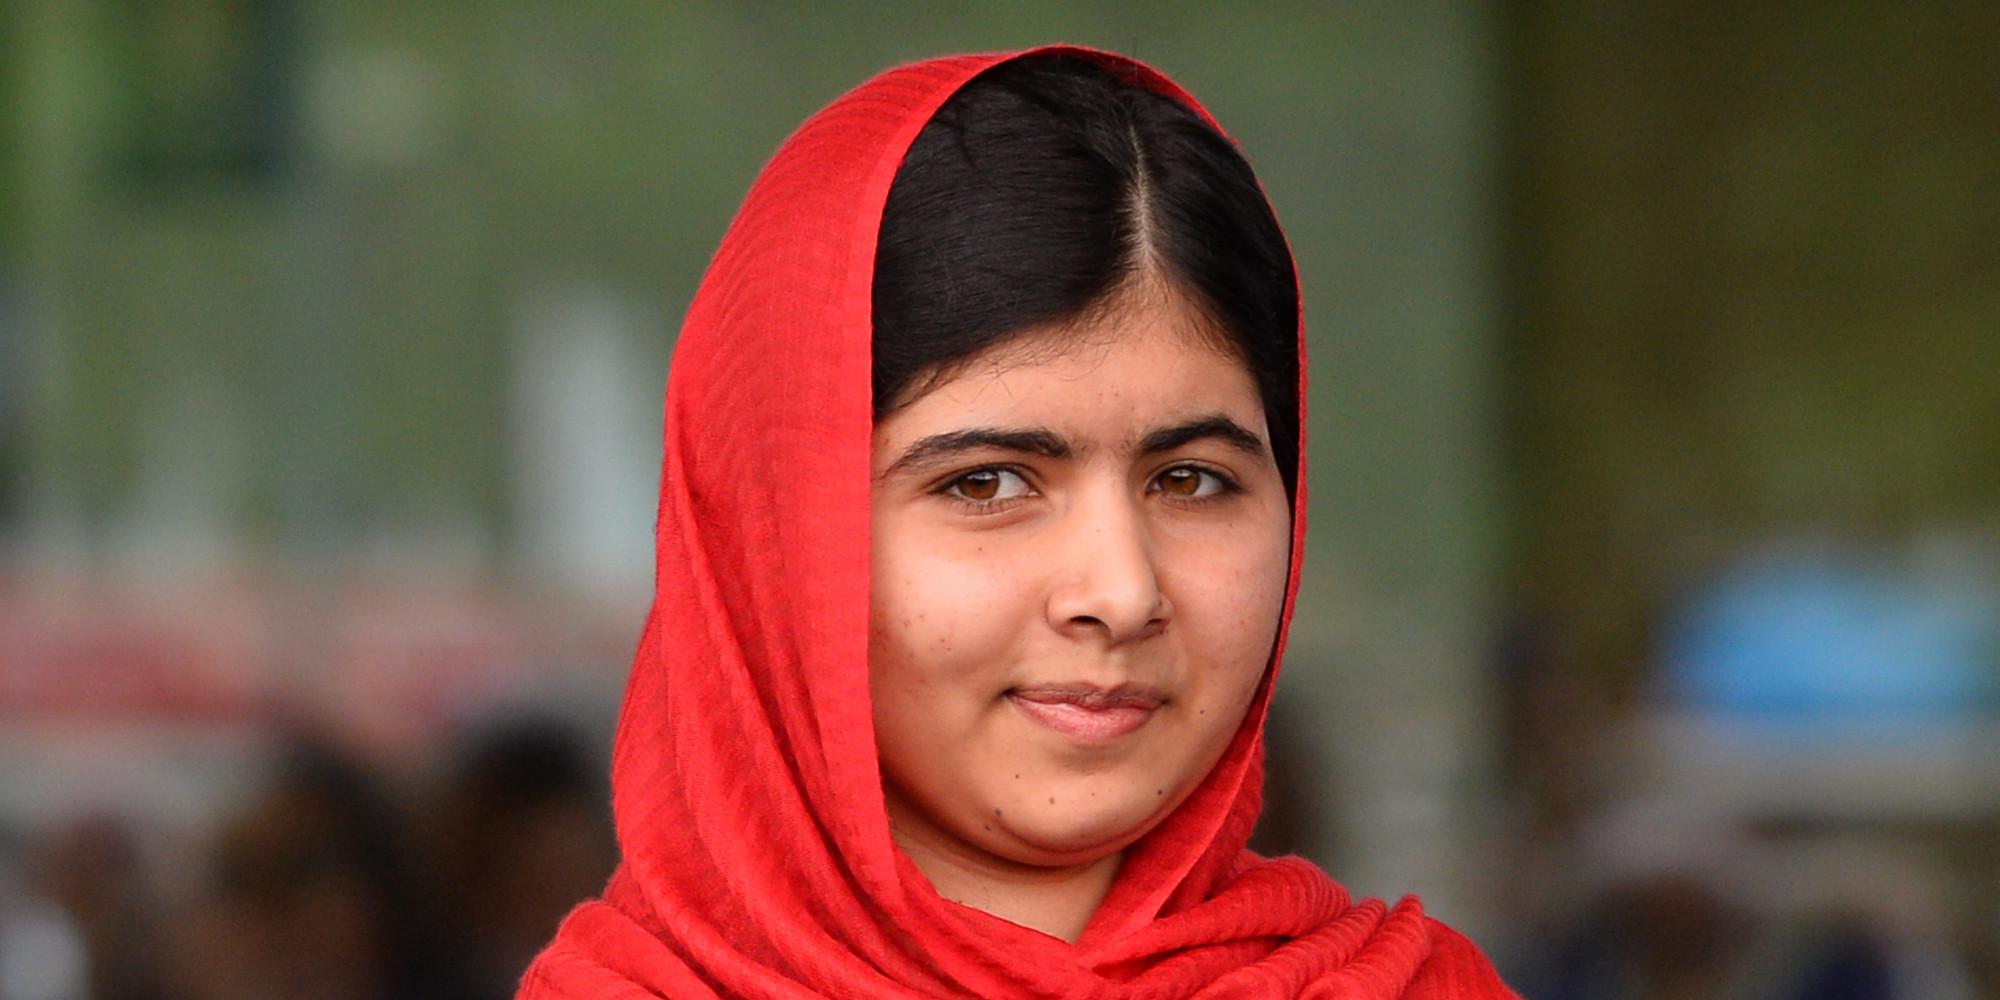 malala prix nobel de la paix portrait d 39 une militante pakistanaise. Black Bedroom Furniture Sets. Home Design Ideas